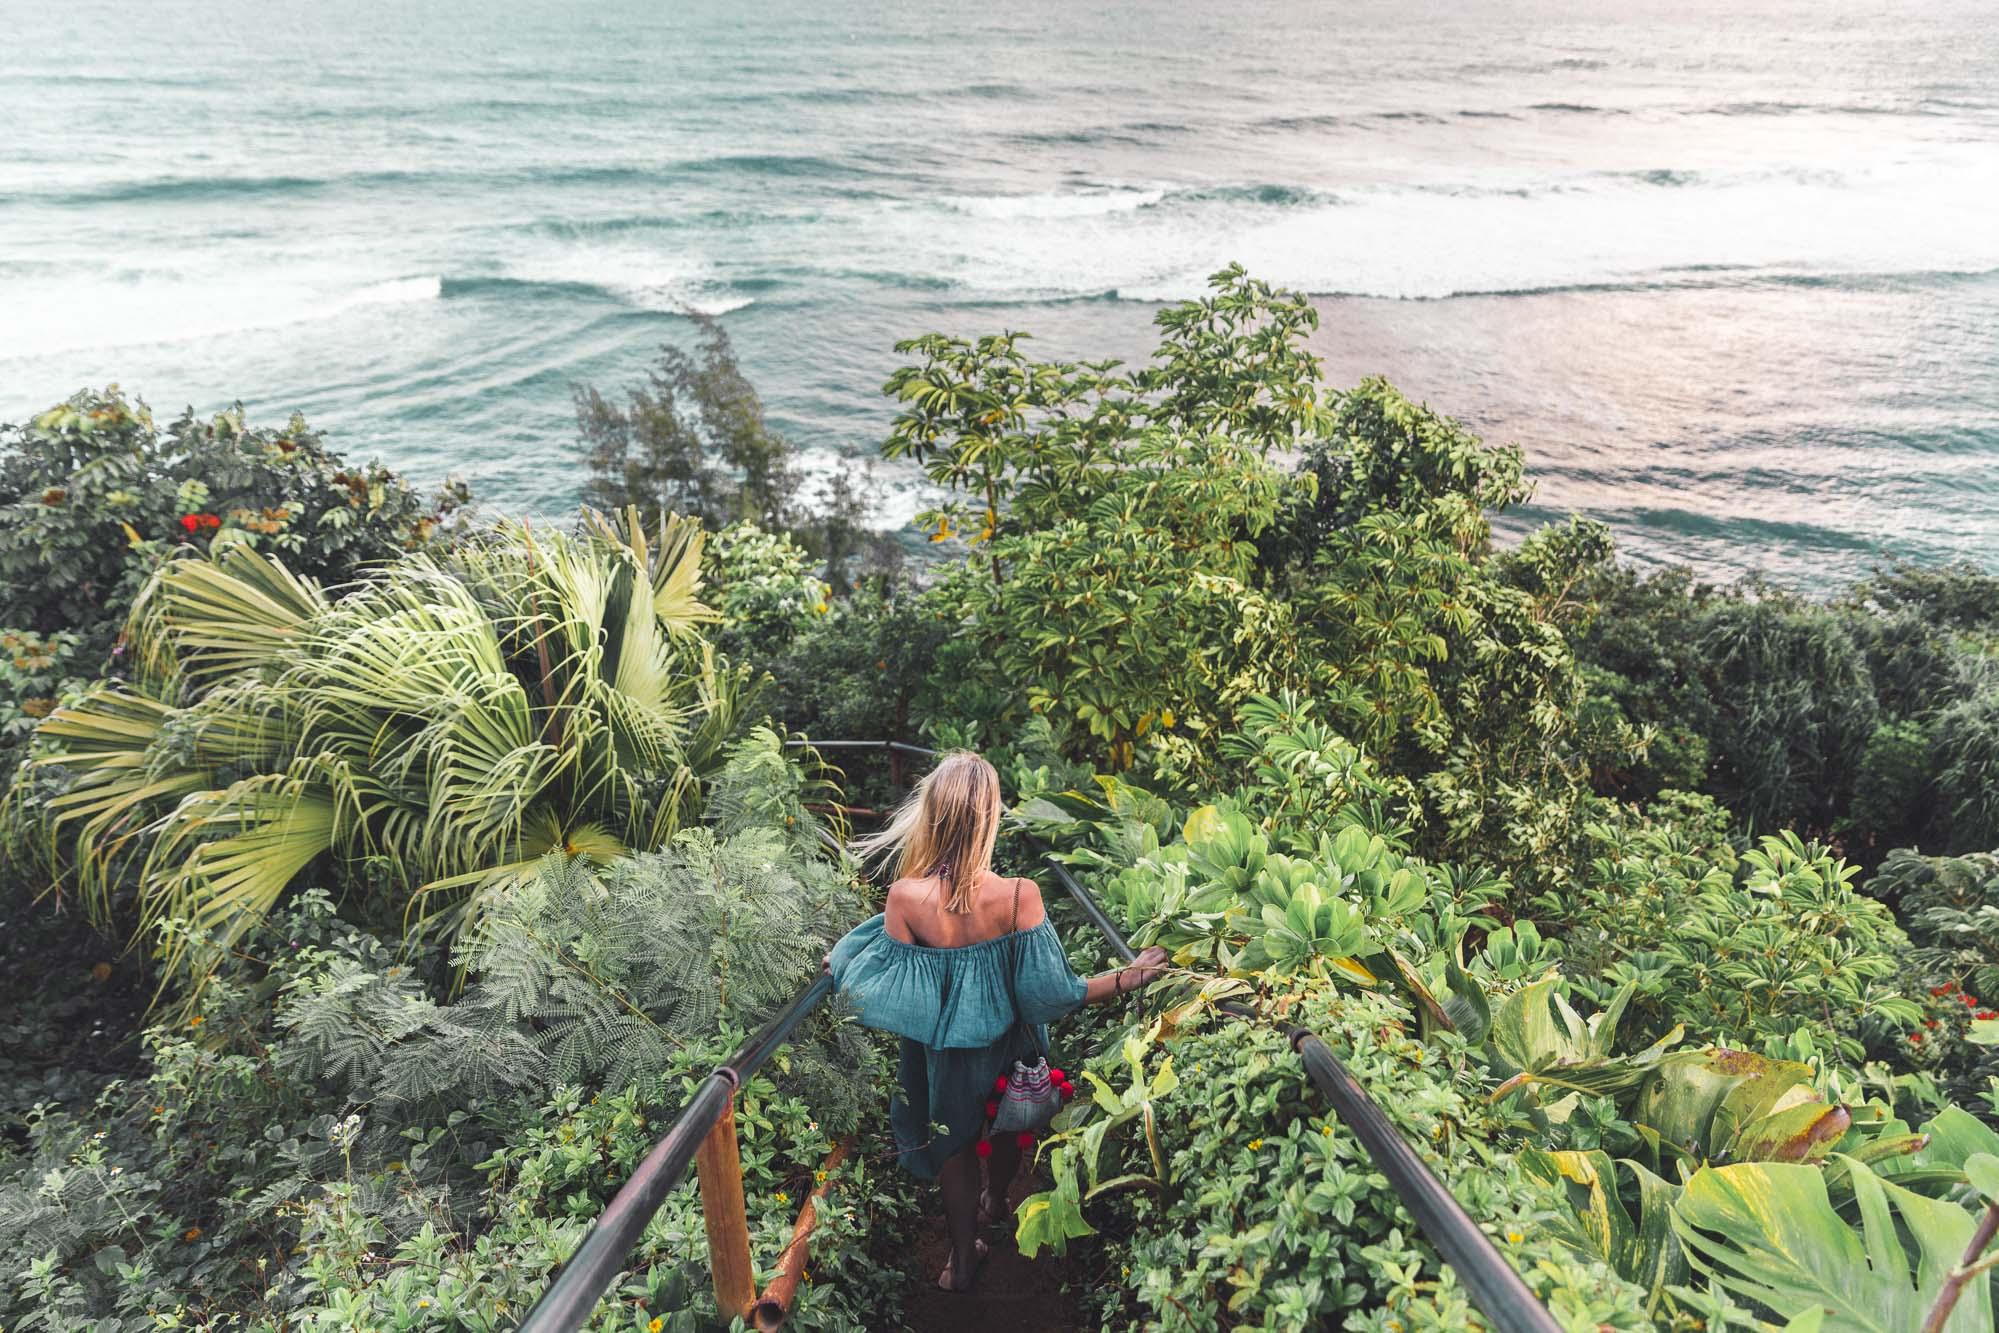 Hideaways Beach Path Over Ocean in Hanalei Hawaii Kauai Travel Guide via Find Us Lost